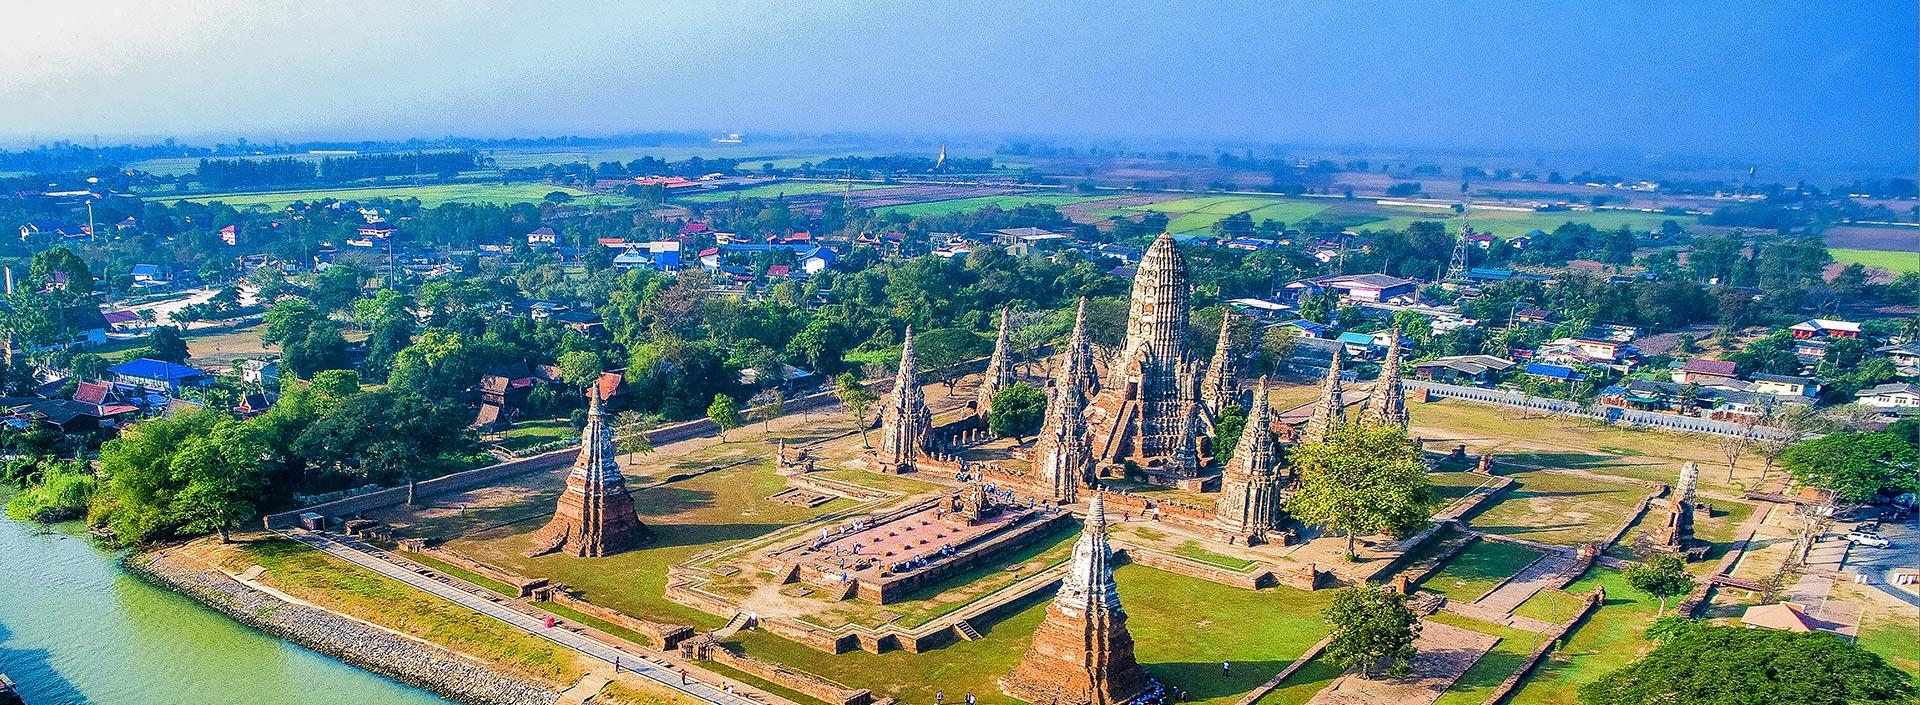 大城 Ayutthaya